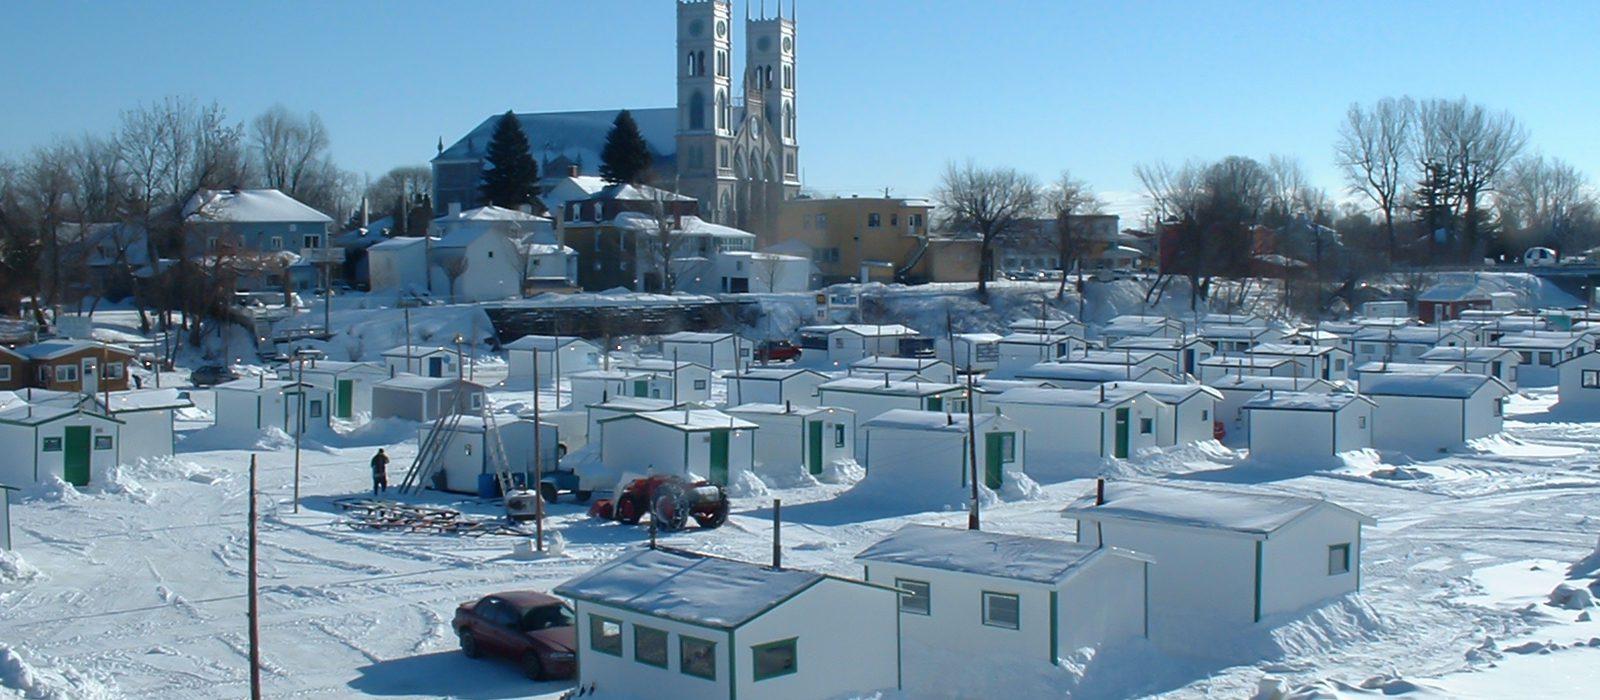 un-hiver-actif-au-quebec-sainte-anne-de-la-perade-peche-sur-glace-quebec-le-mag